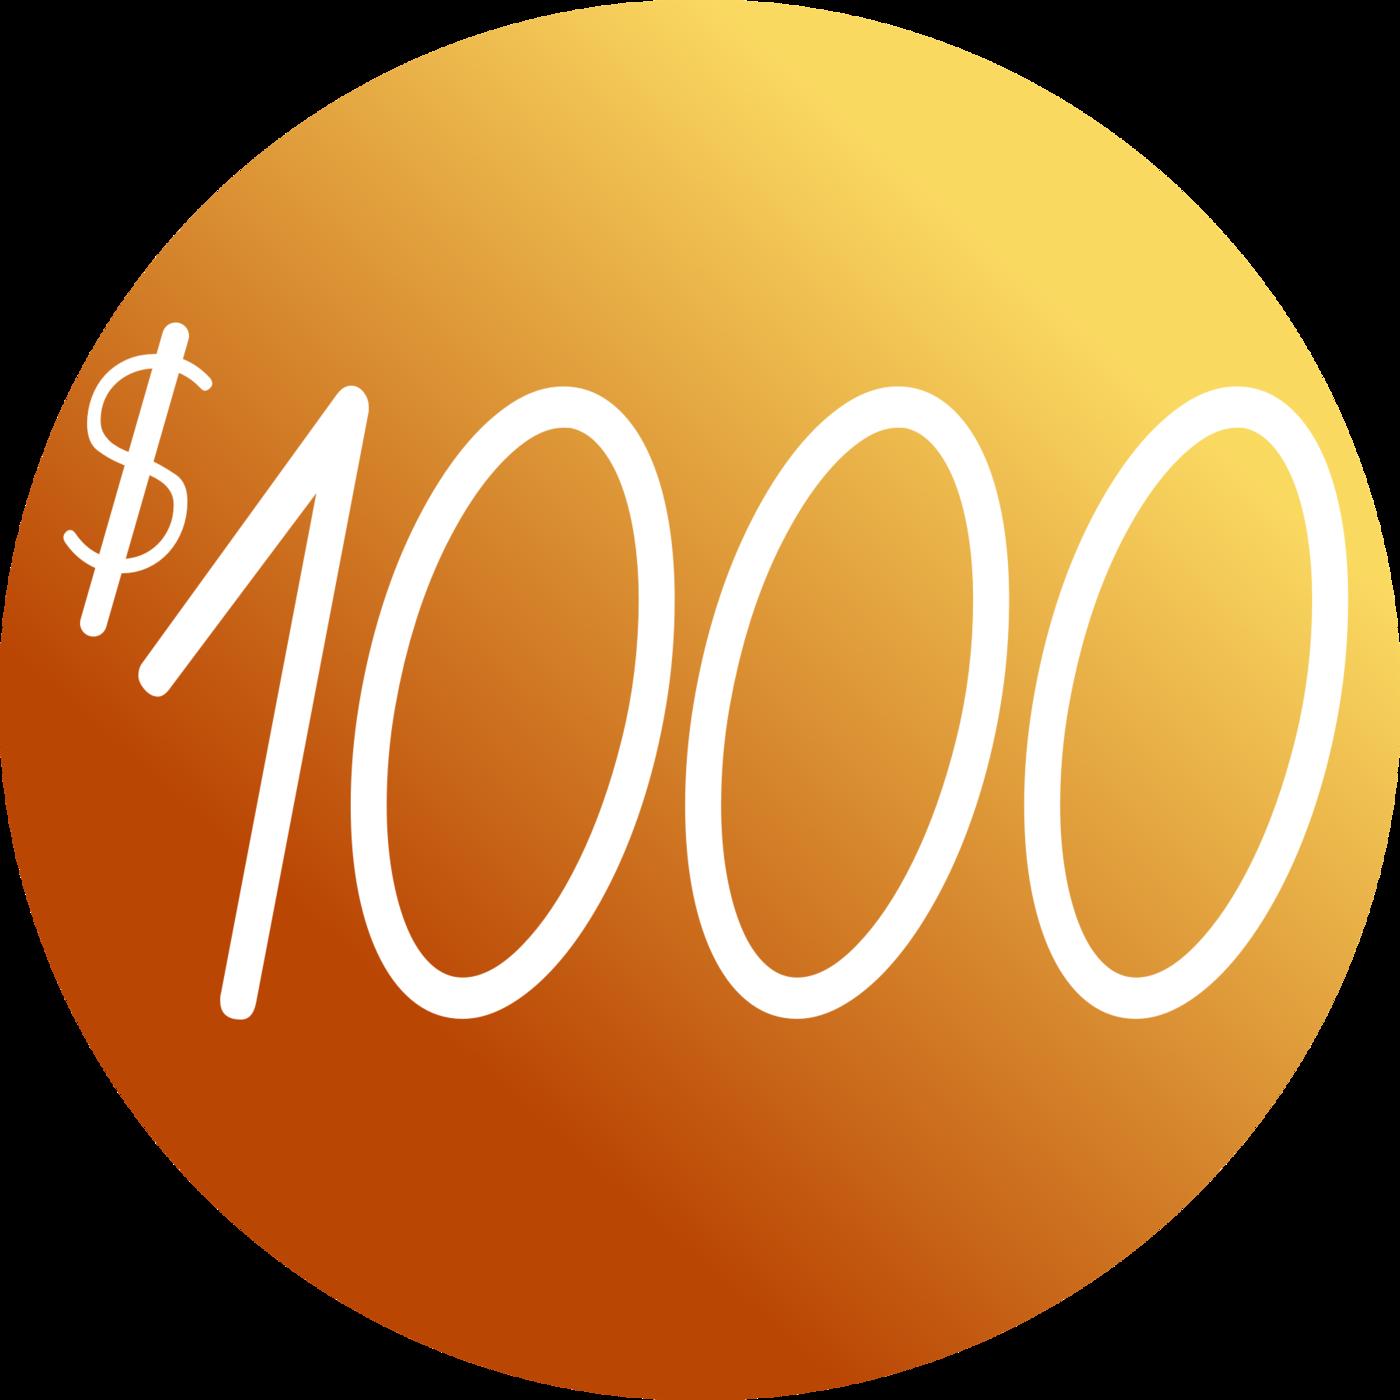 1000 coin